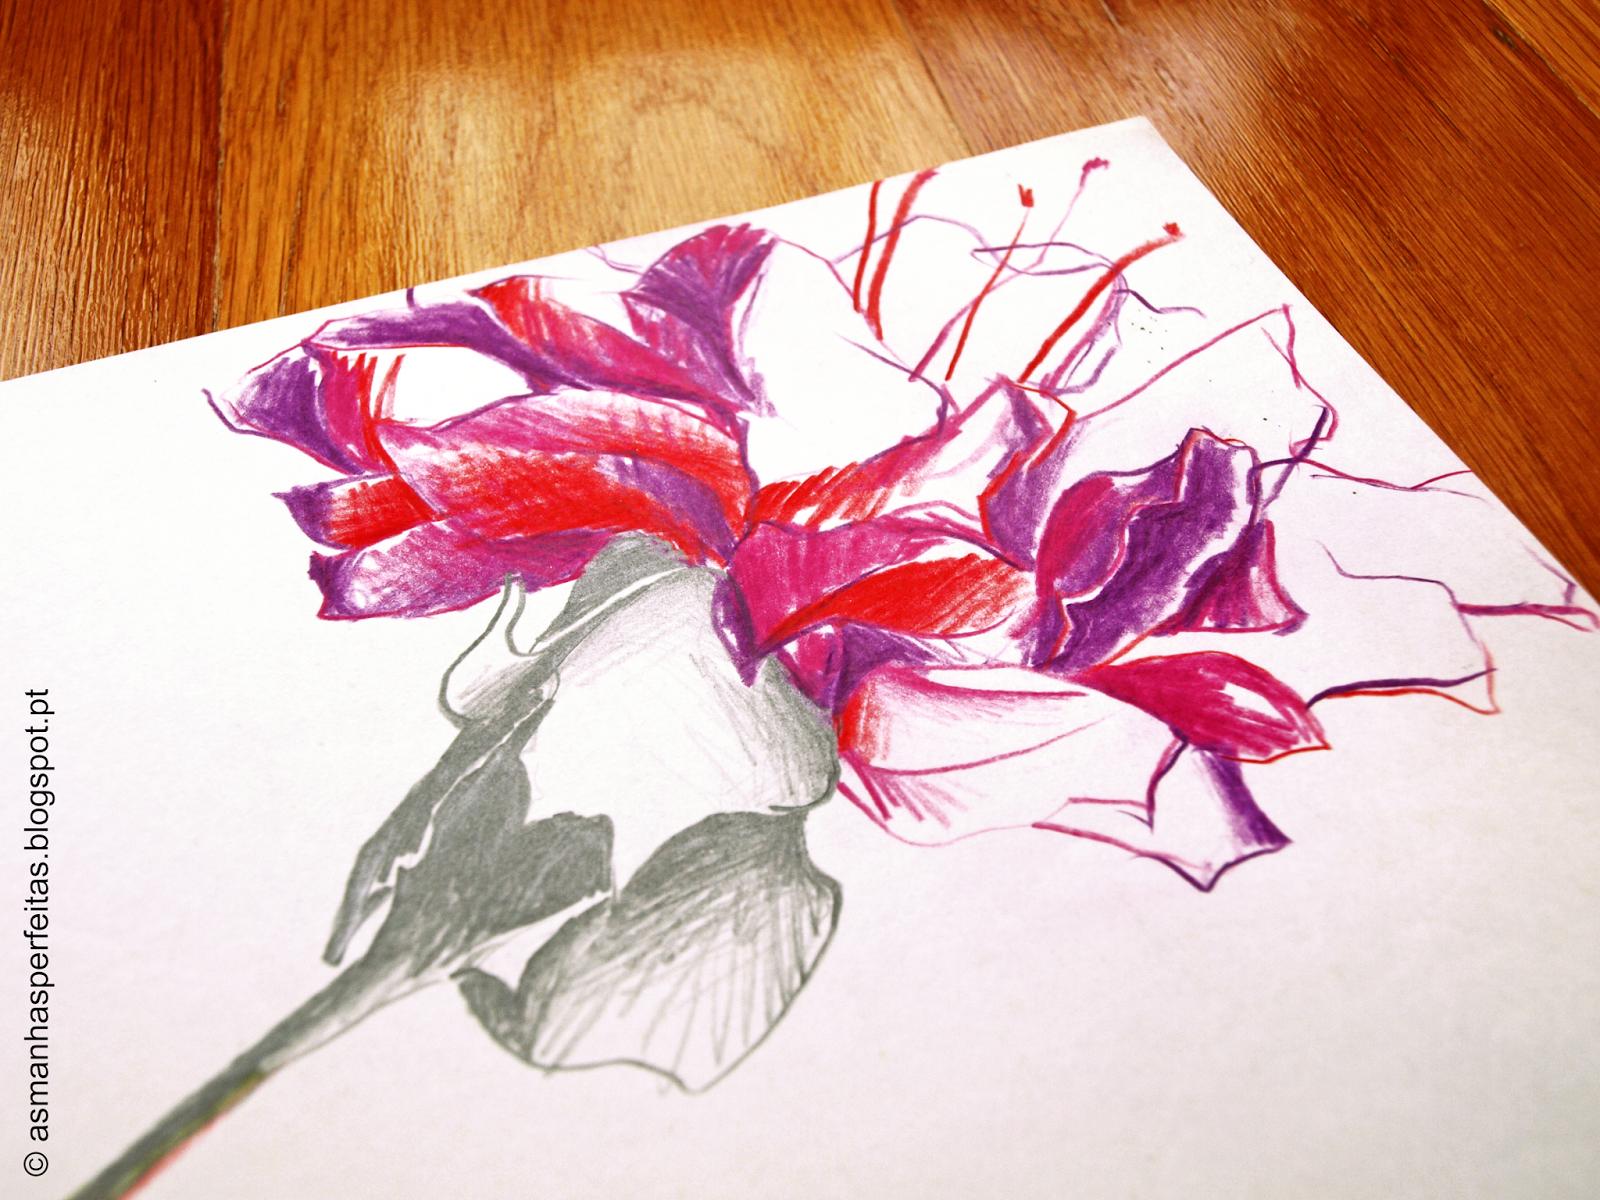 [Gostar de flores] manhãs perfeitas, BLOG #manhãsperfeitasblog #perfectmornings